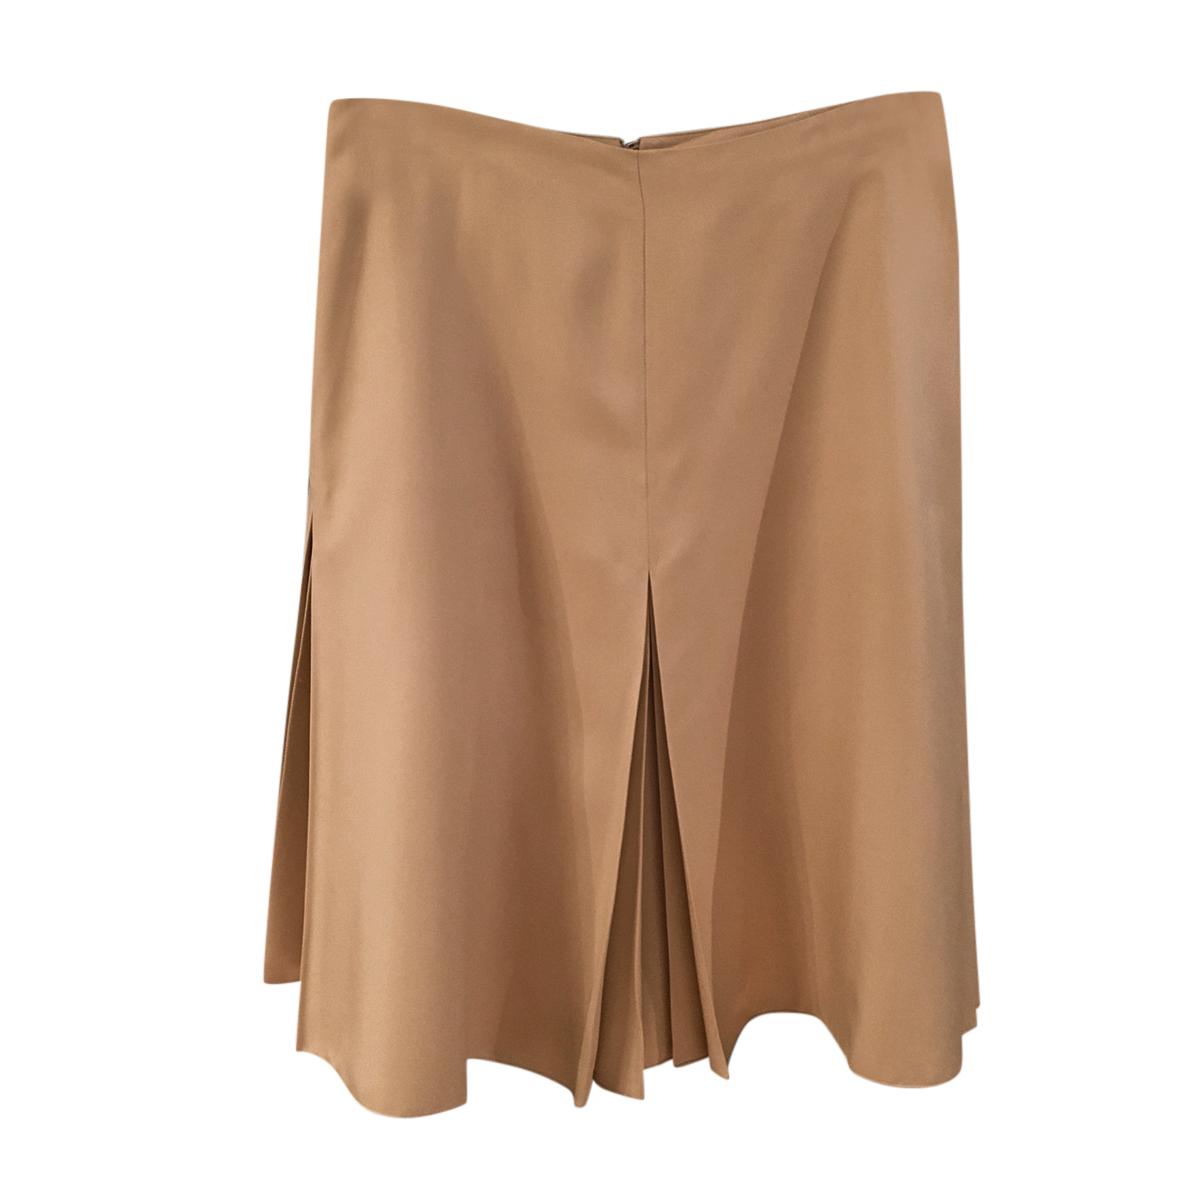 Loro Piana Beige Silk Skirt